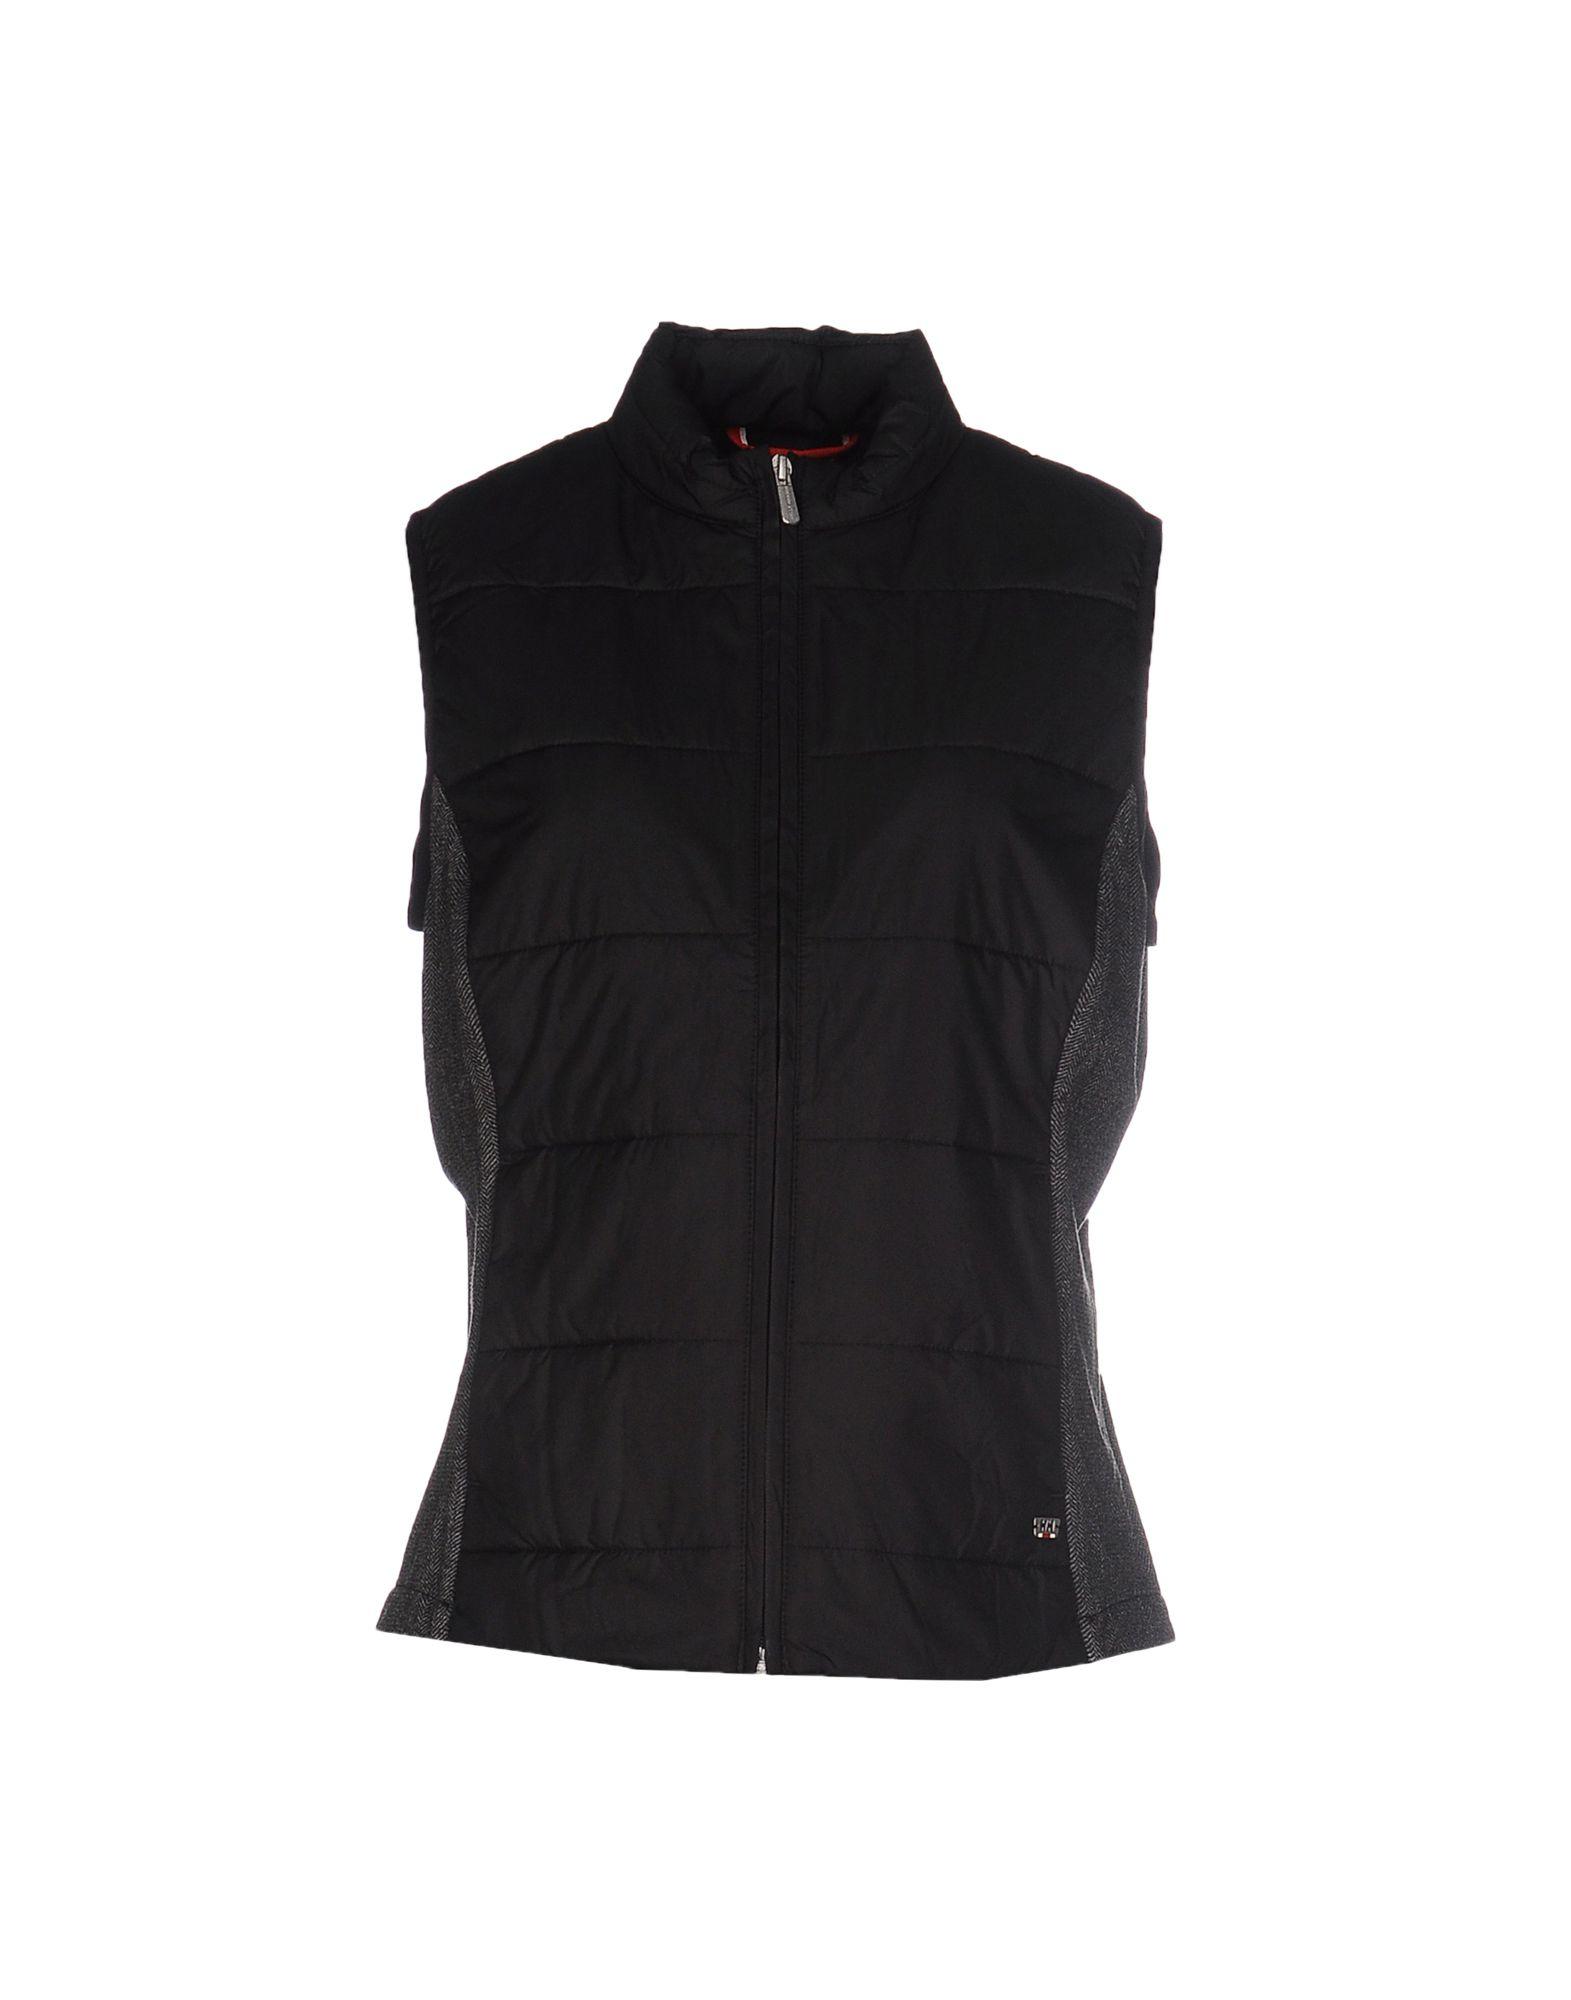 Jackets in Black